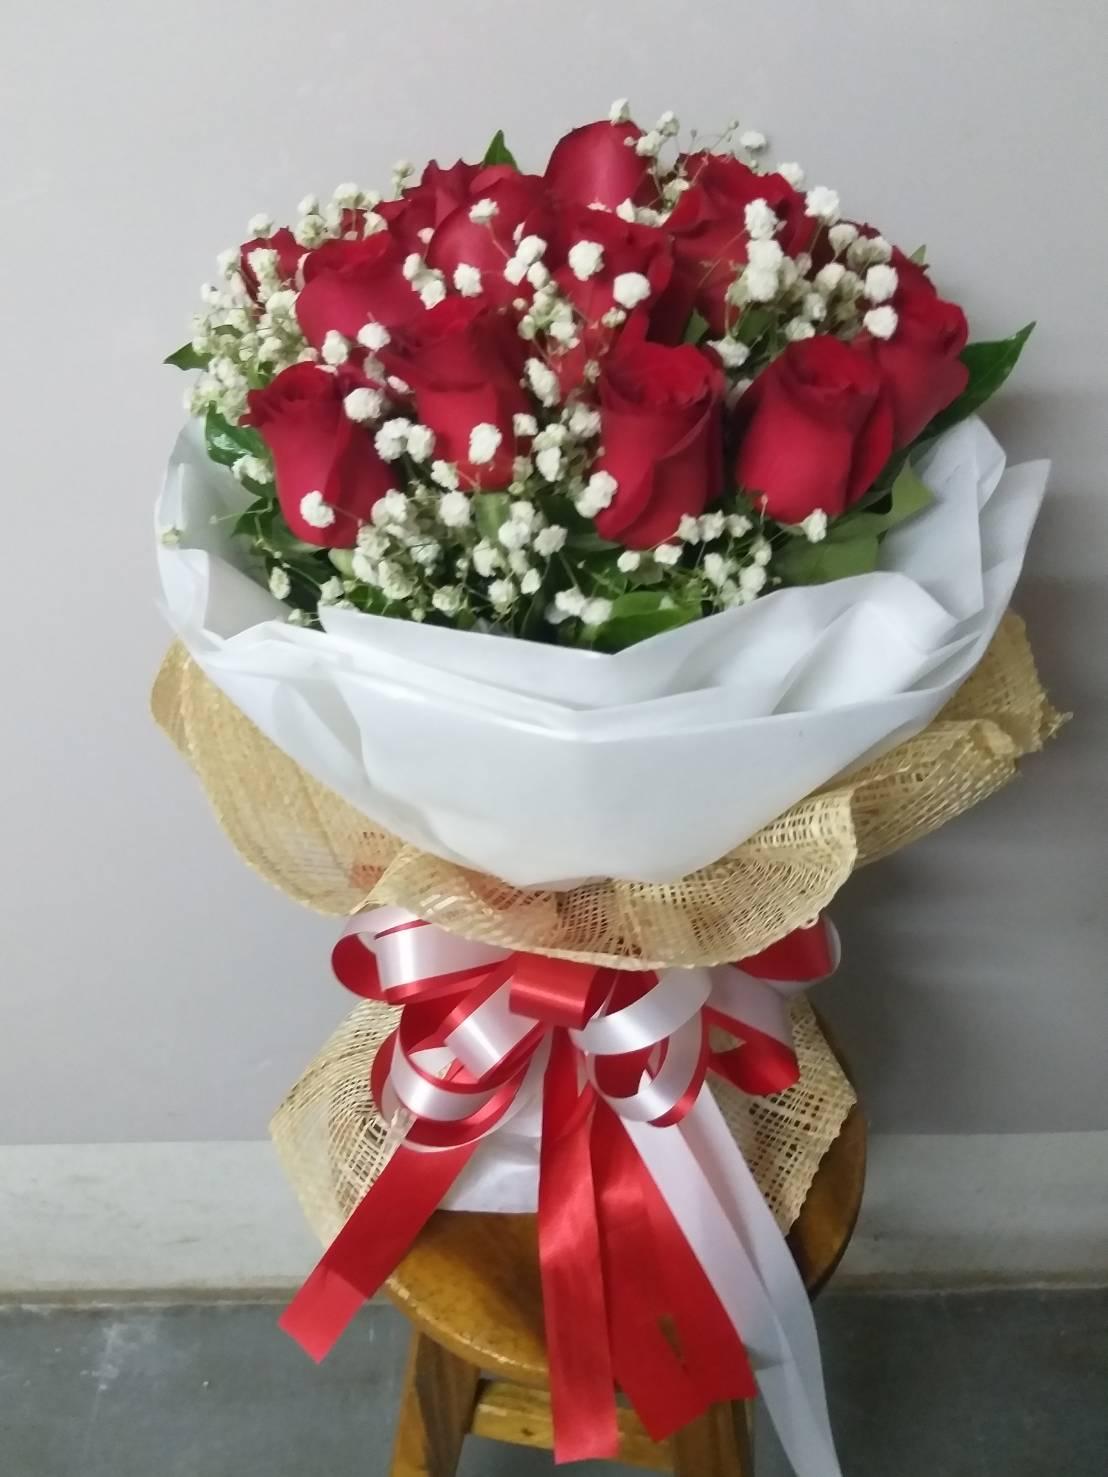 ช่อดอกกุหลาบสีแดงสื่อรัก ใครได้รับเป็นต้องปลื้ม